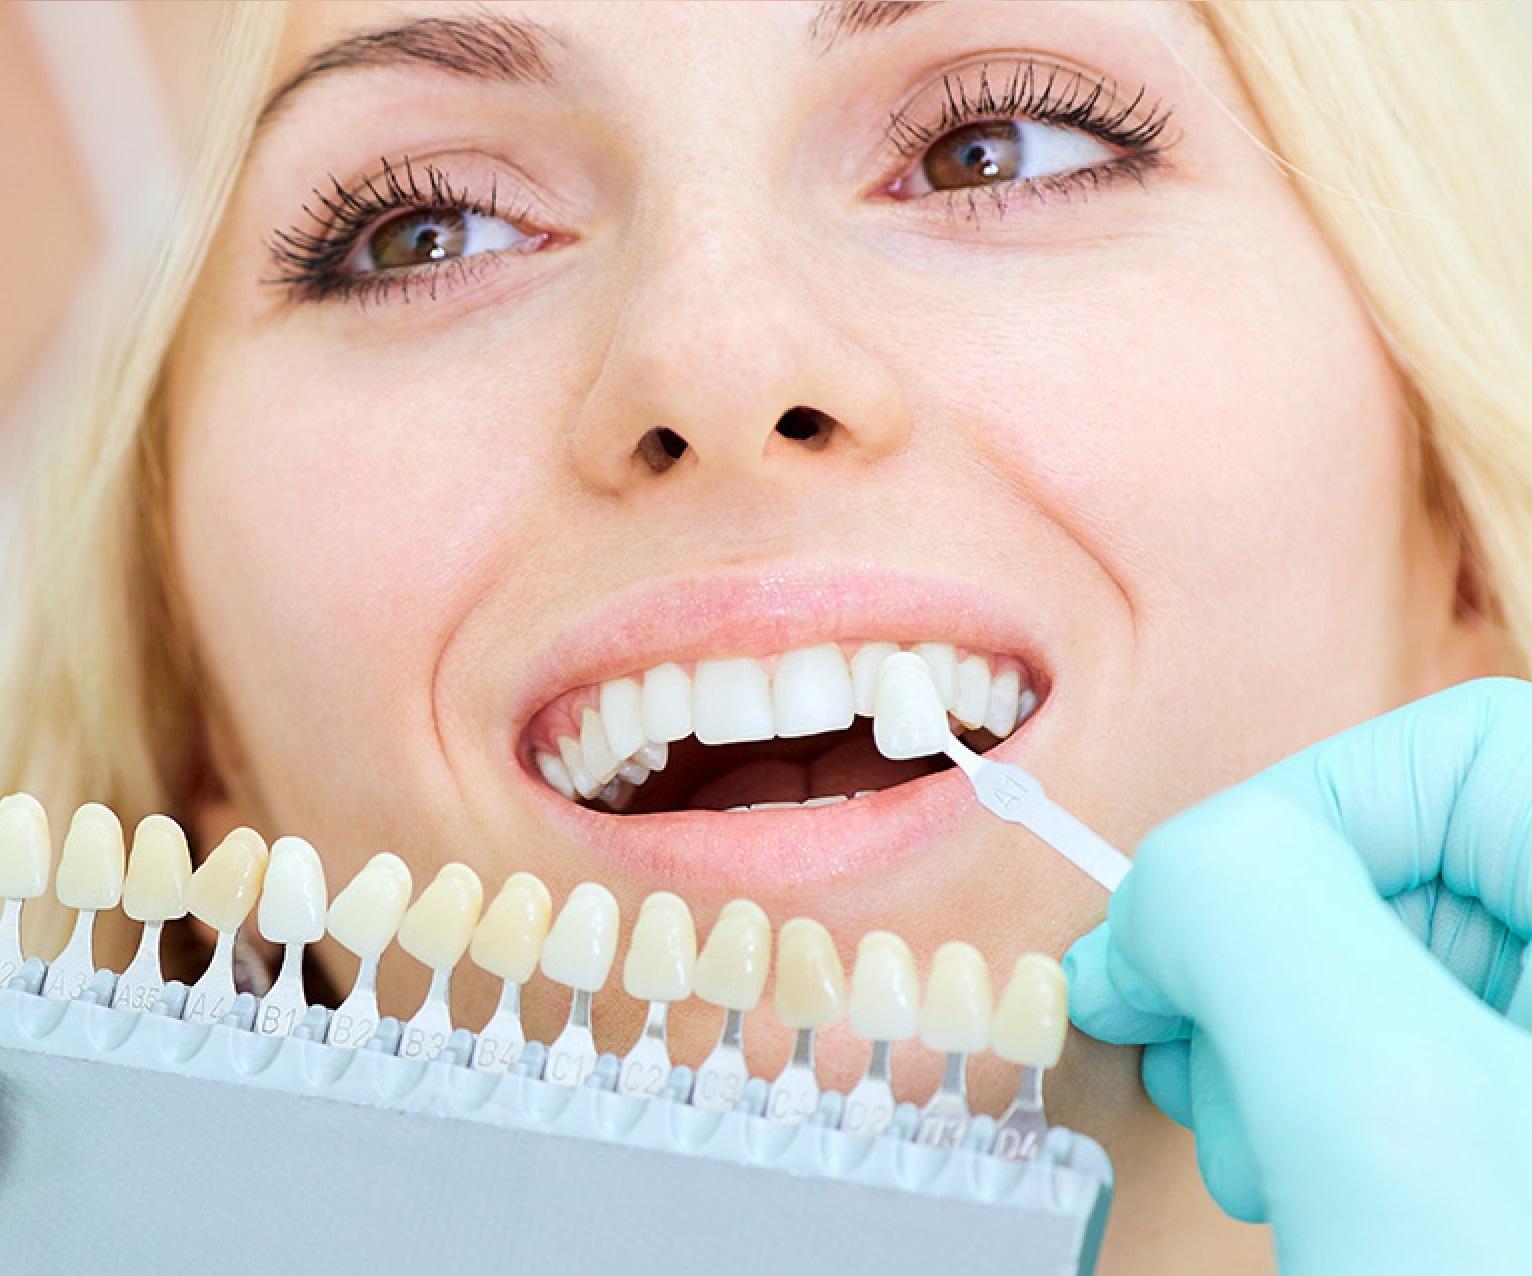 Эстетическая стоматология. Сущность и преимущества!